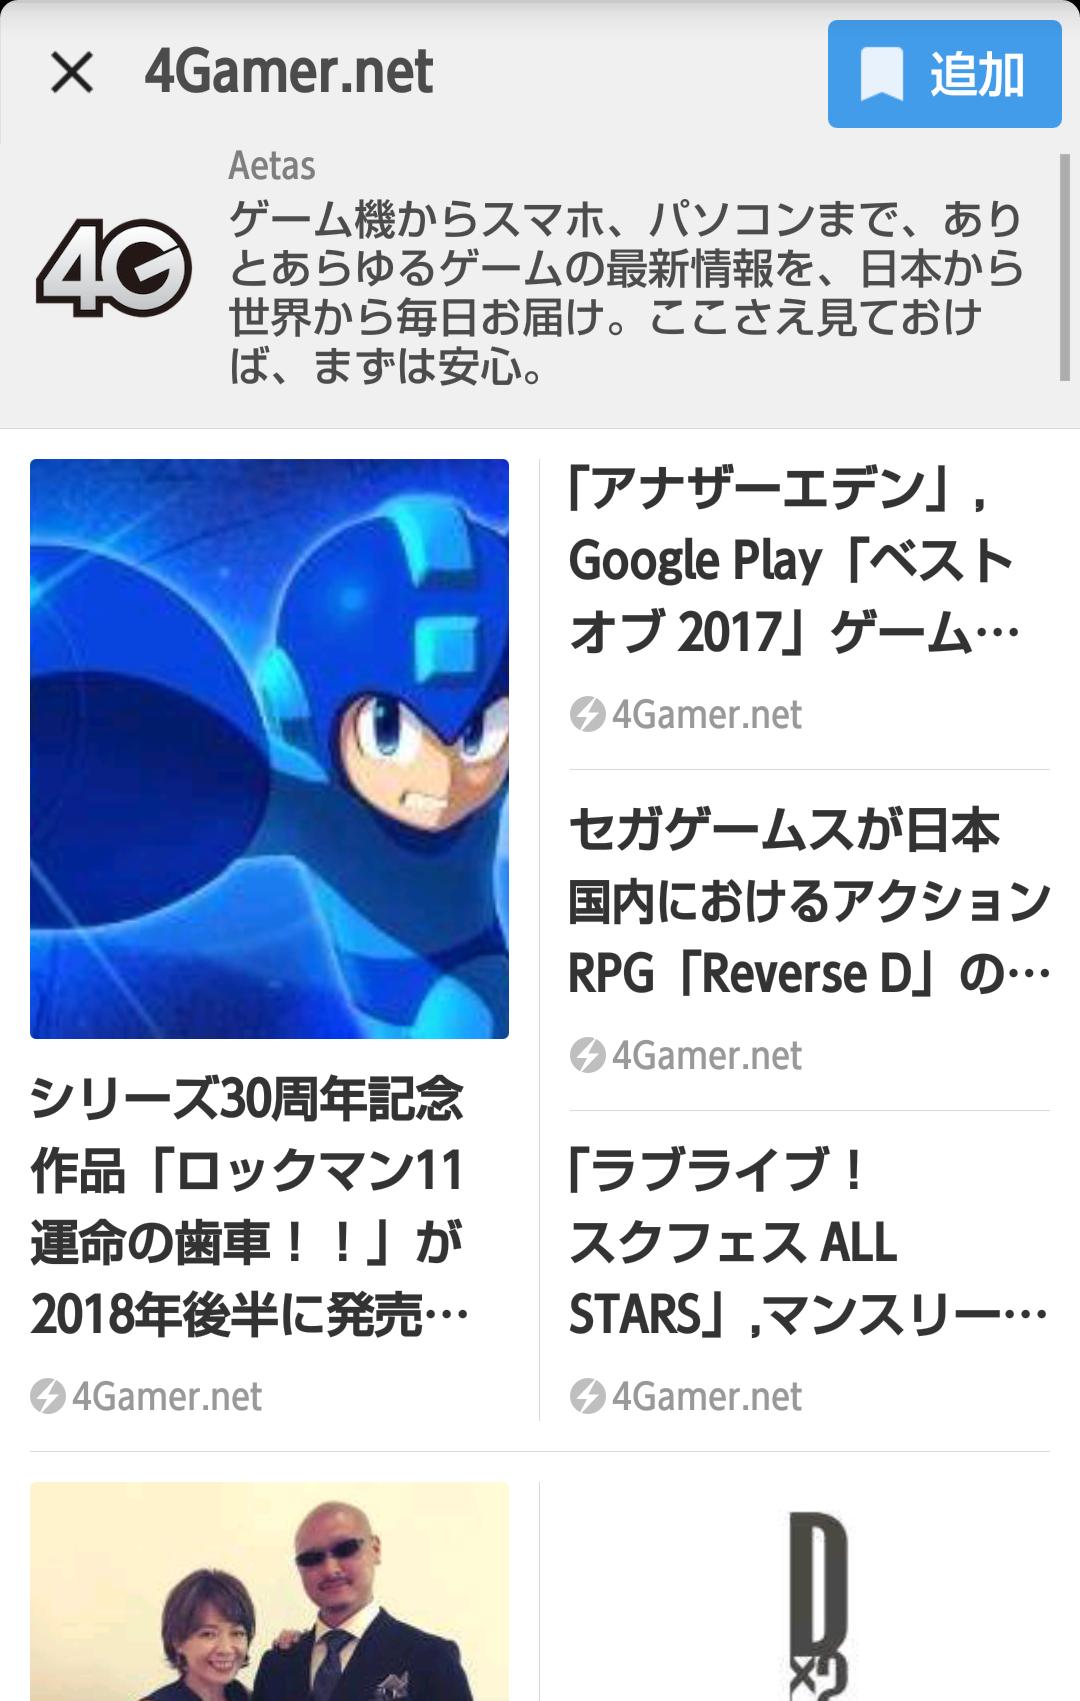 【ゲームニュース】SmartNewsにチャンネルを追加しよー